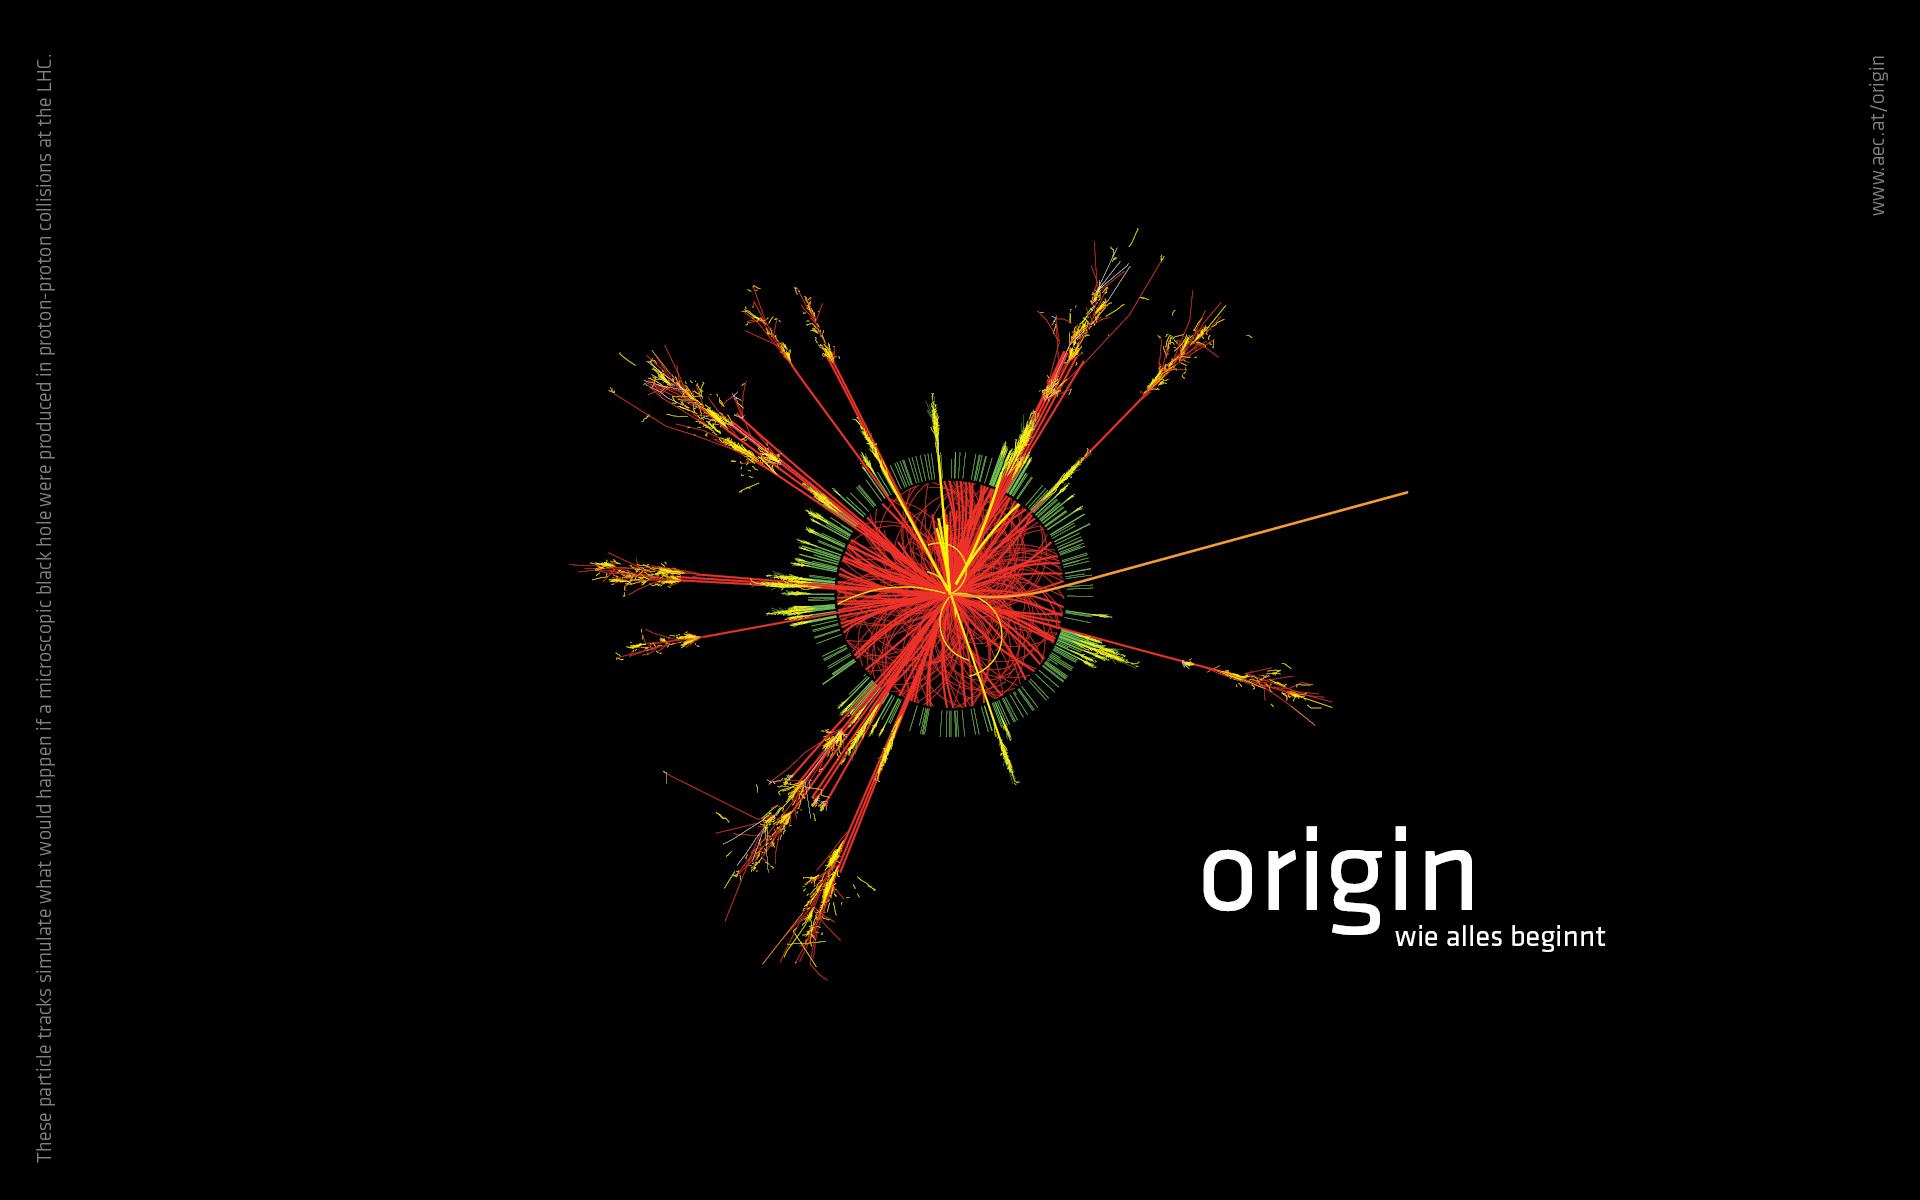 Origin Wallpaper - WallpaperSafari